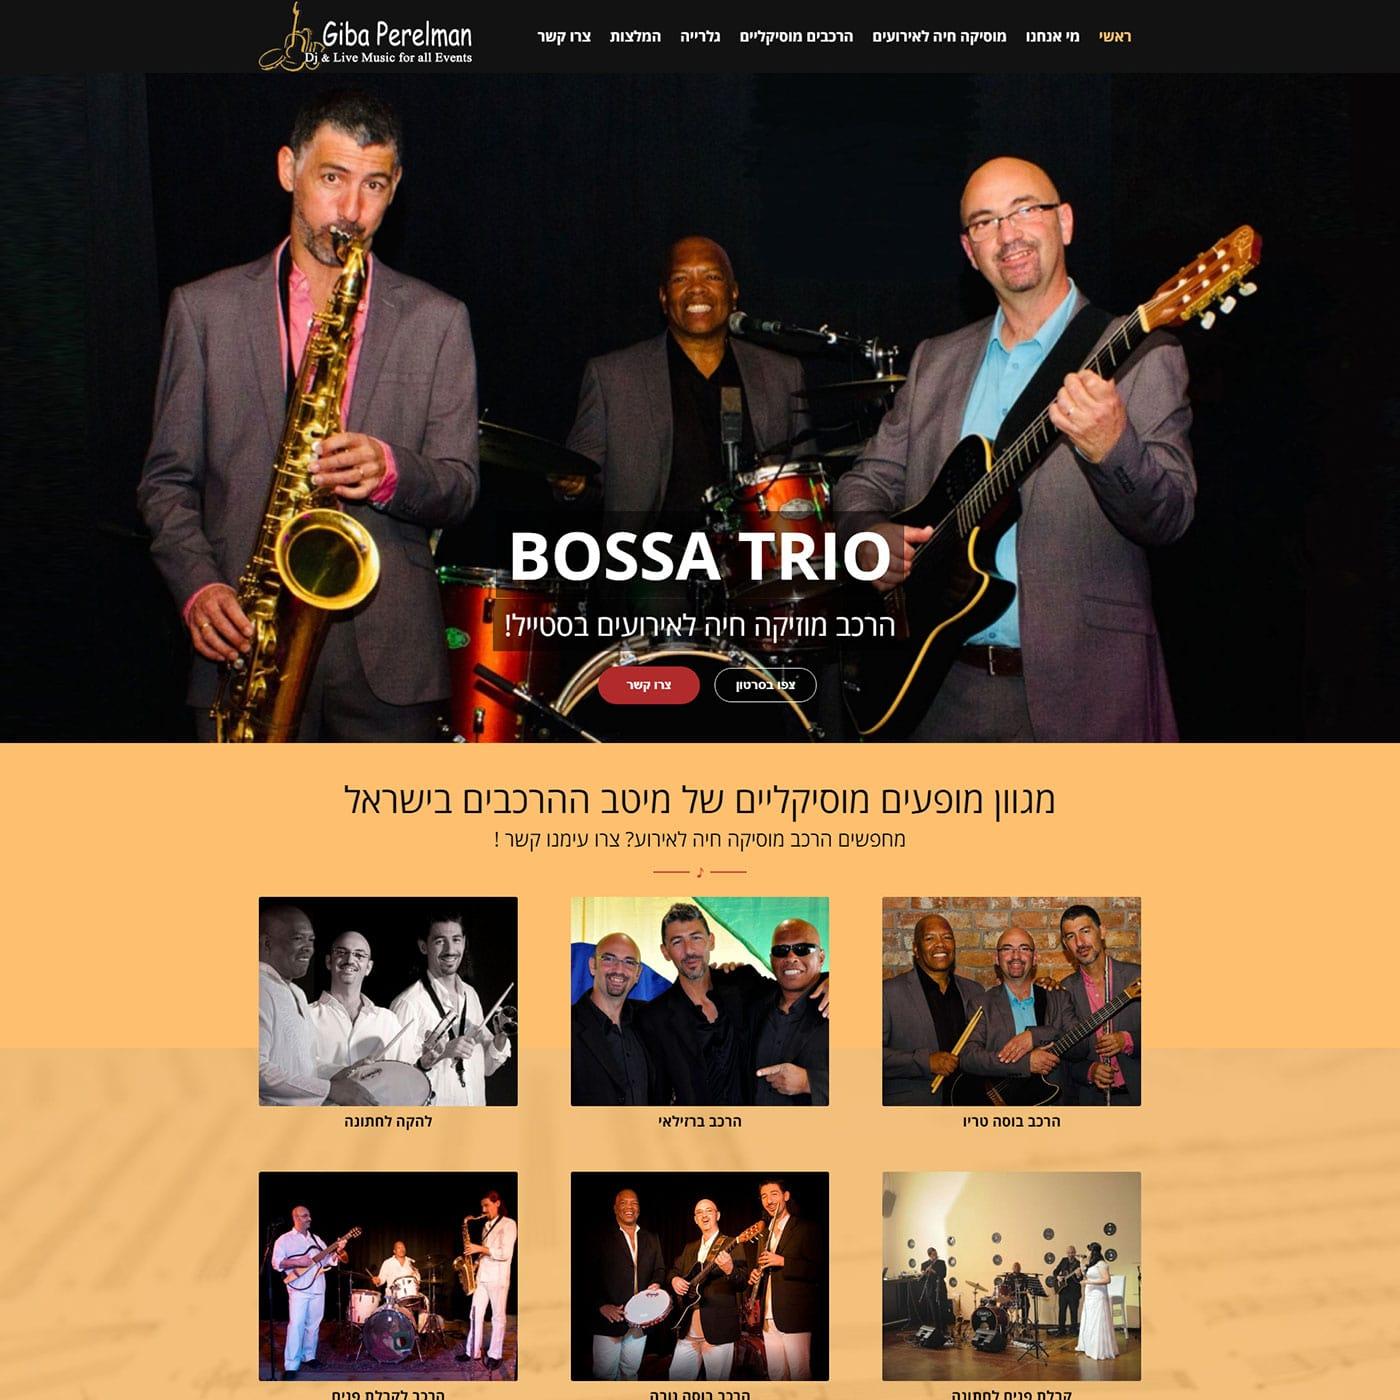 עיצוב אתר ג'יבה פרלמן ולהקת בוסה טריו